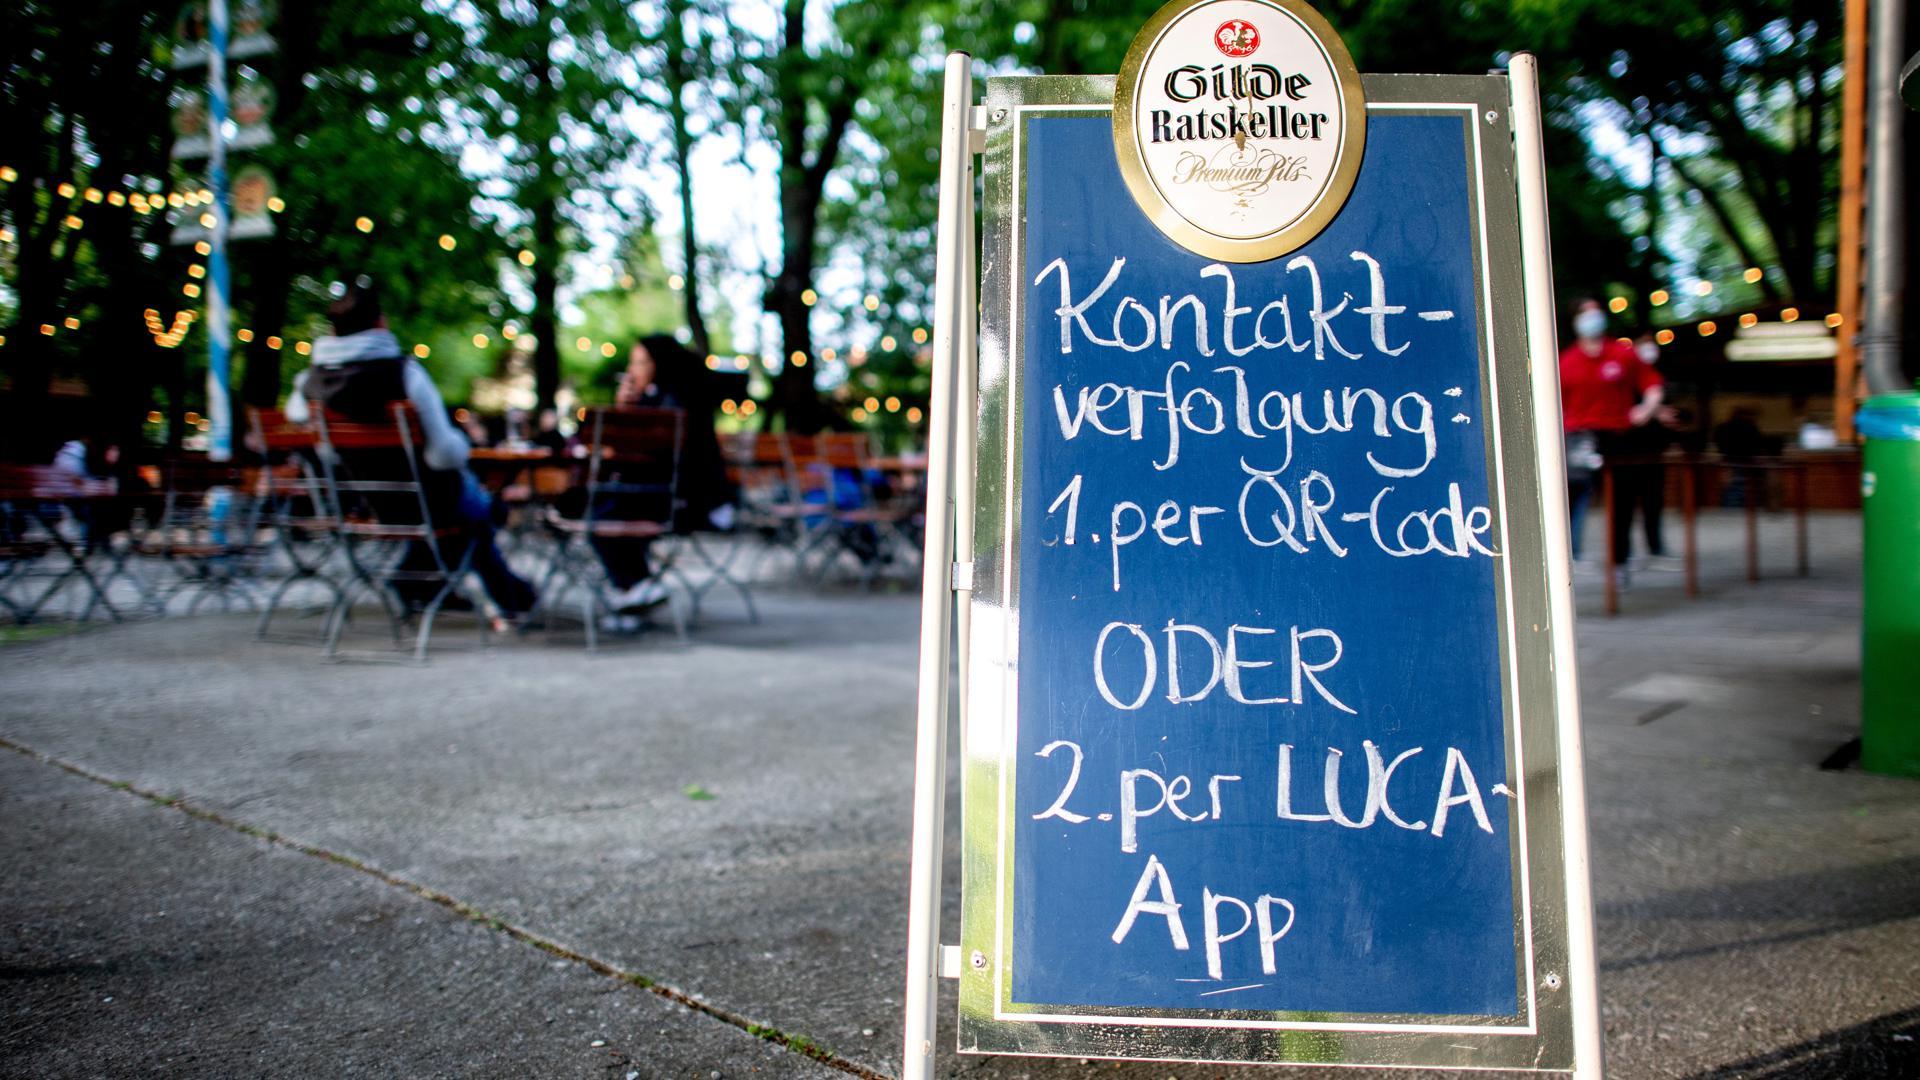 Entlastung für Gesundheitsämter: Zwar sollen in Baden-Württemberg weiterhin per App oder Formular die Daten von Besuchern der Restaurants, Konzerte. Schwimmbäder und anderer Einrichtungen gesammelt werden. Doch es werden bald voraussichtlich nicht mehr alle Kontaktpersonen von Infizierten verfolgt.